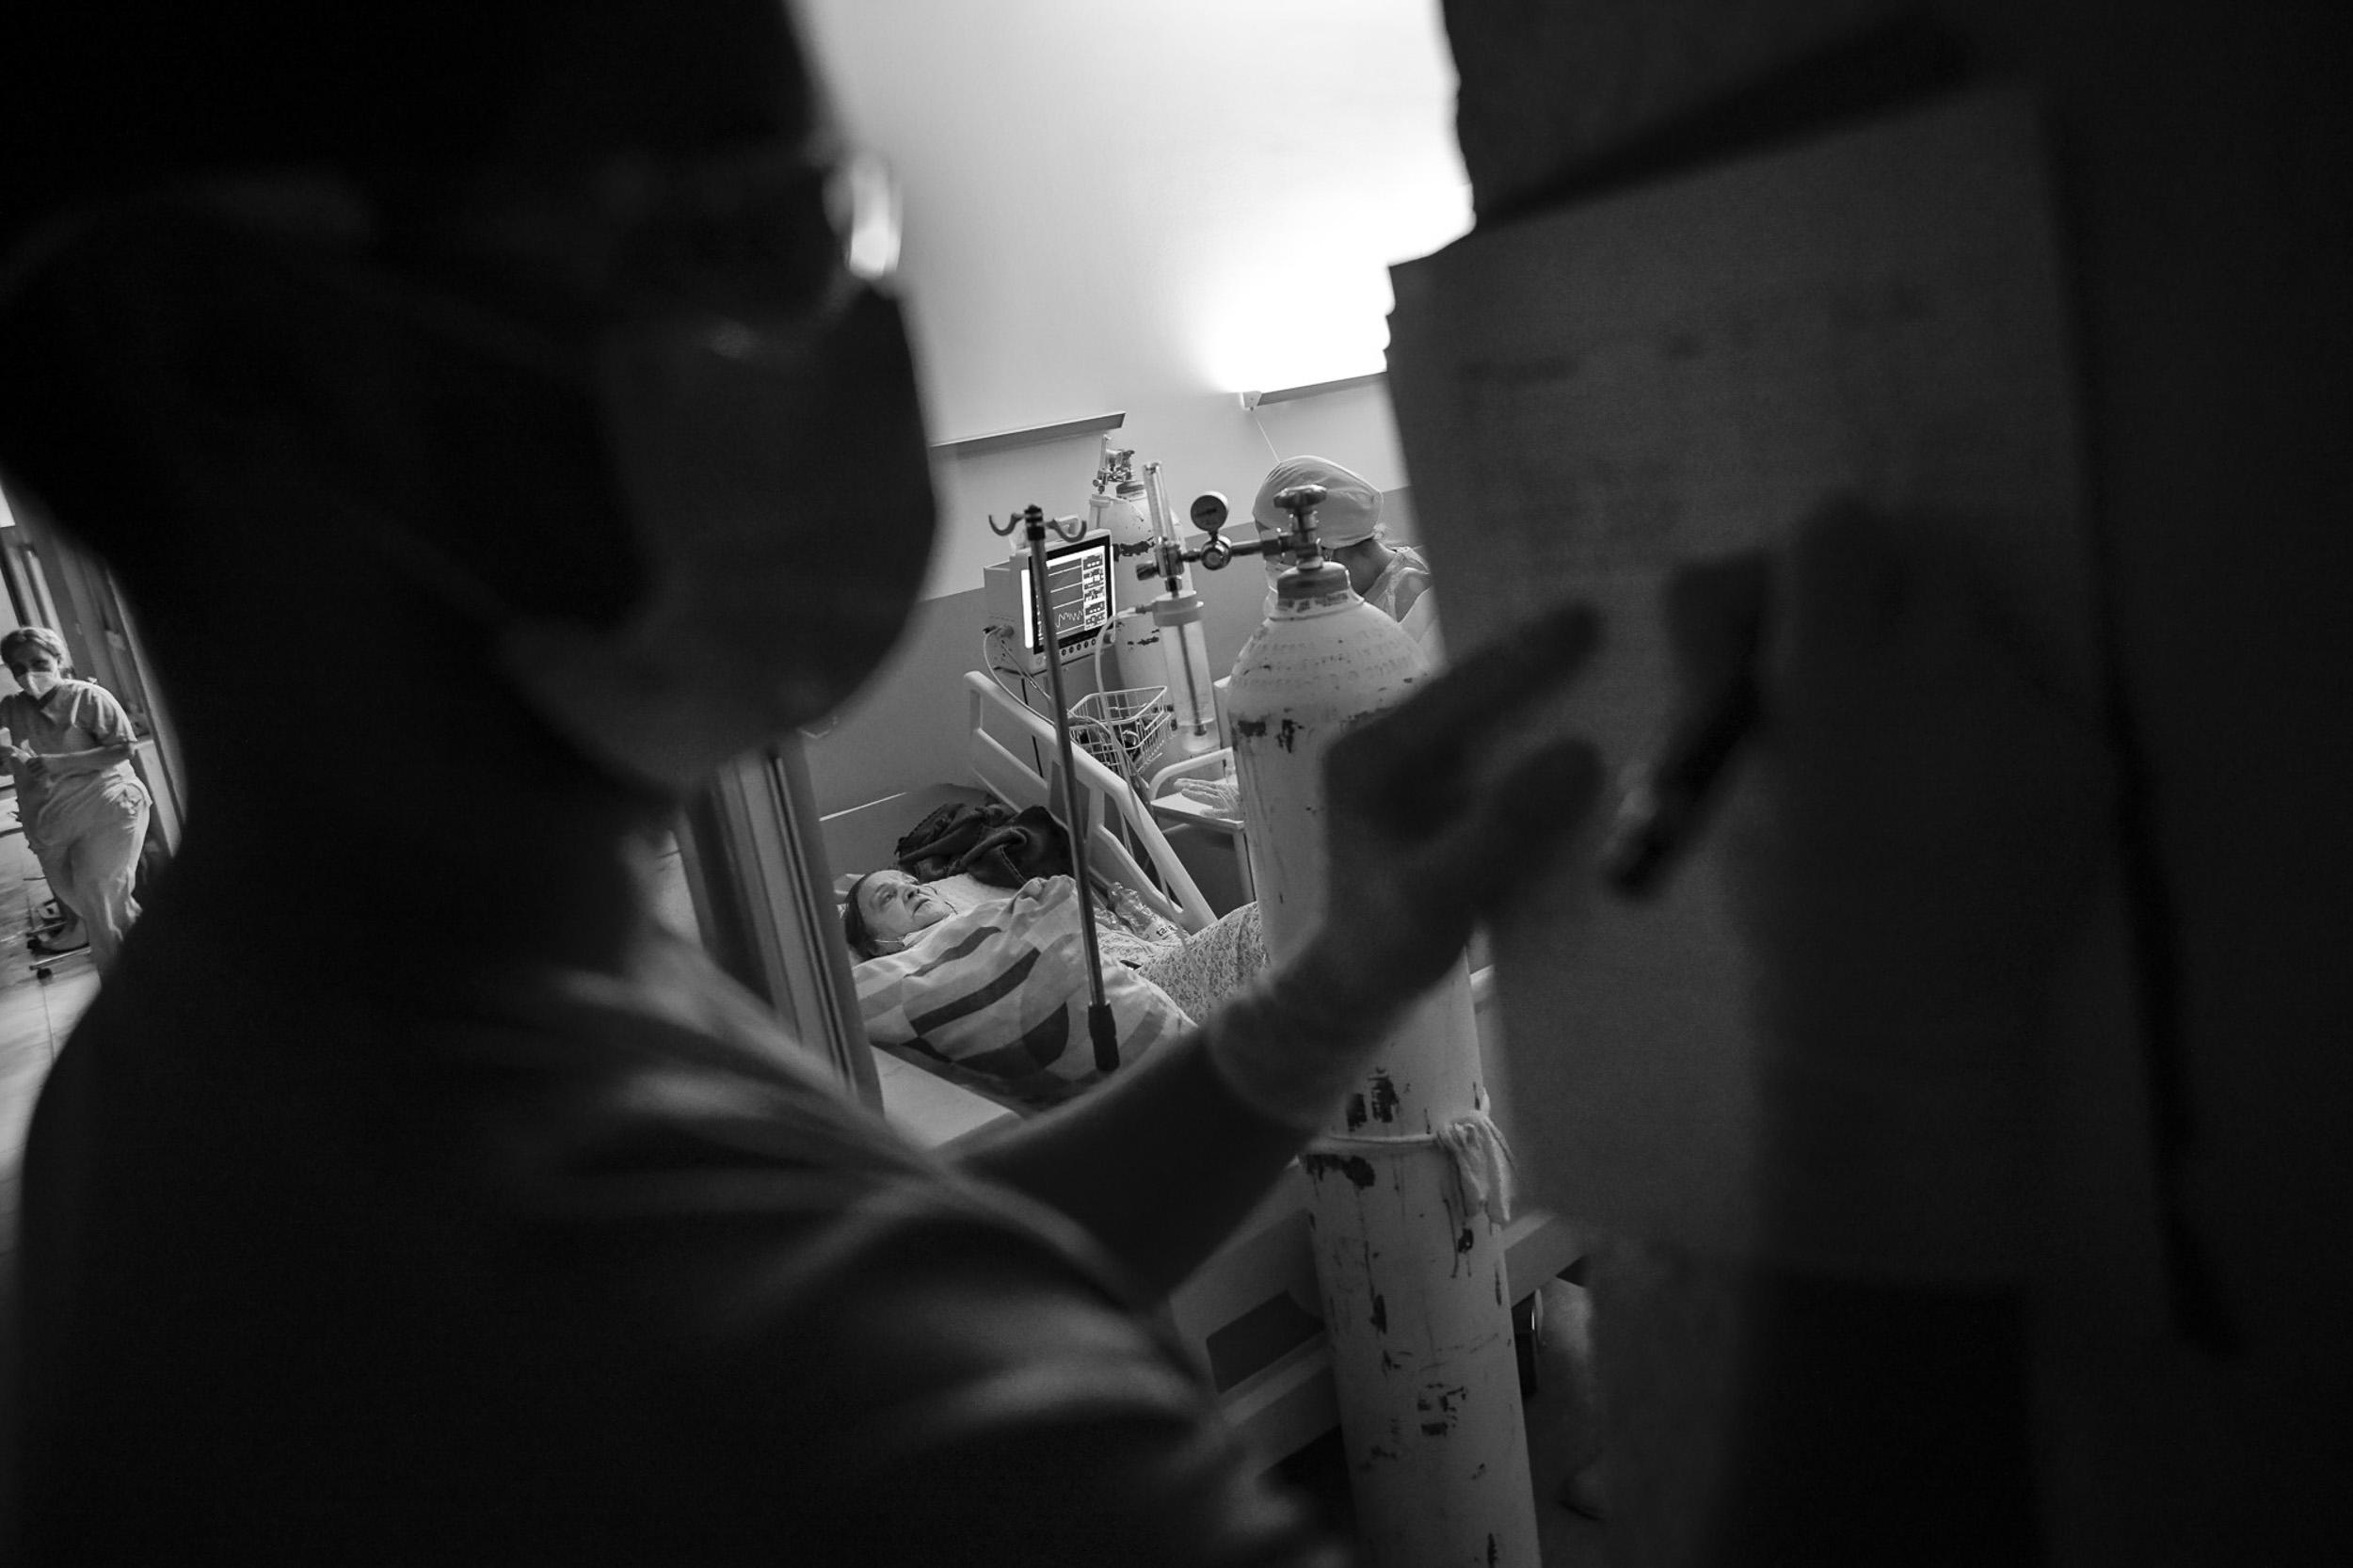 Medicinske sestre podešavaju nivo propisane analgezije u skladu s uputama ljekara/ki.